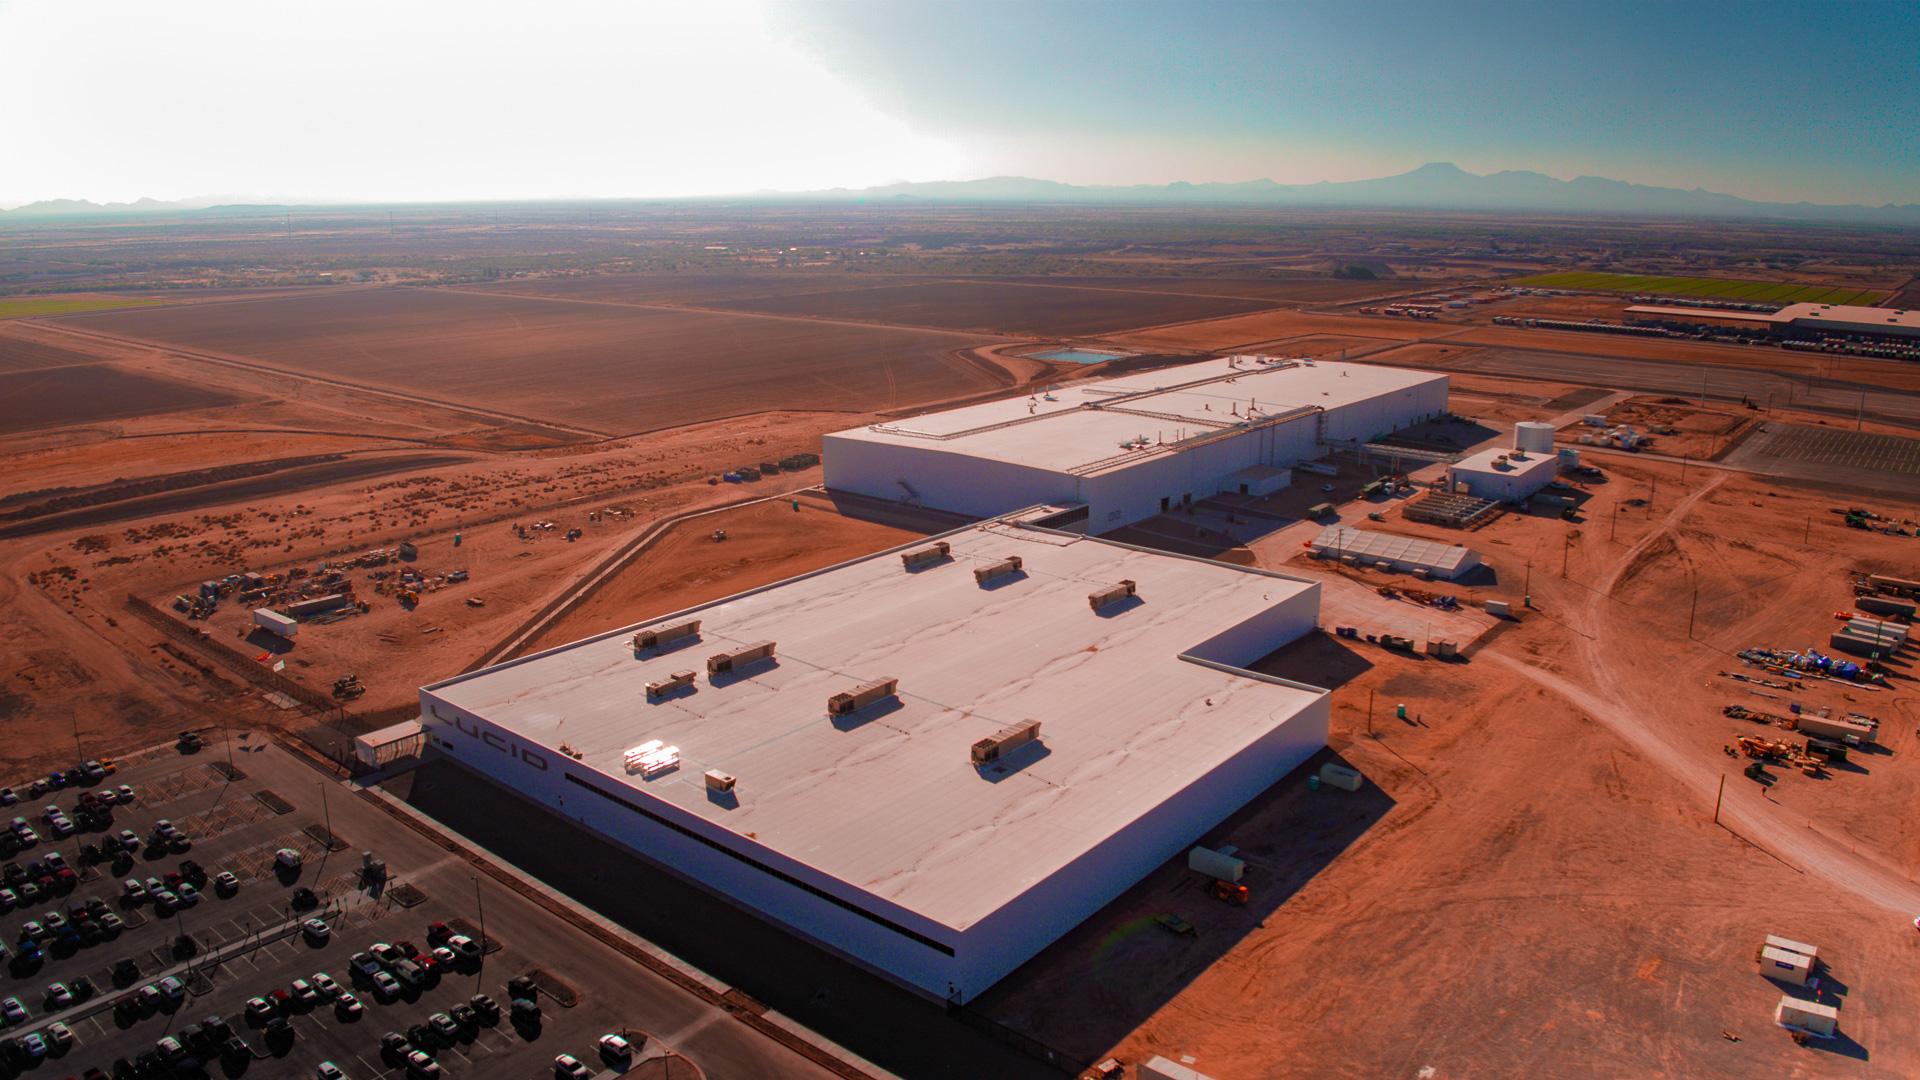 Com forte incentivo estatal, Lucid construiu duas fábricas no Arizona que, esperam, produzirá até 30.000 carros por ano